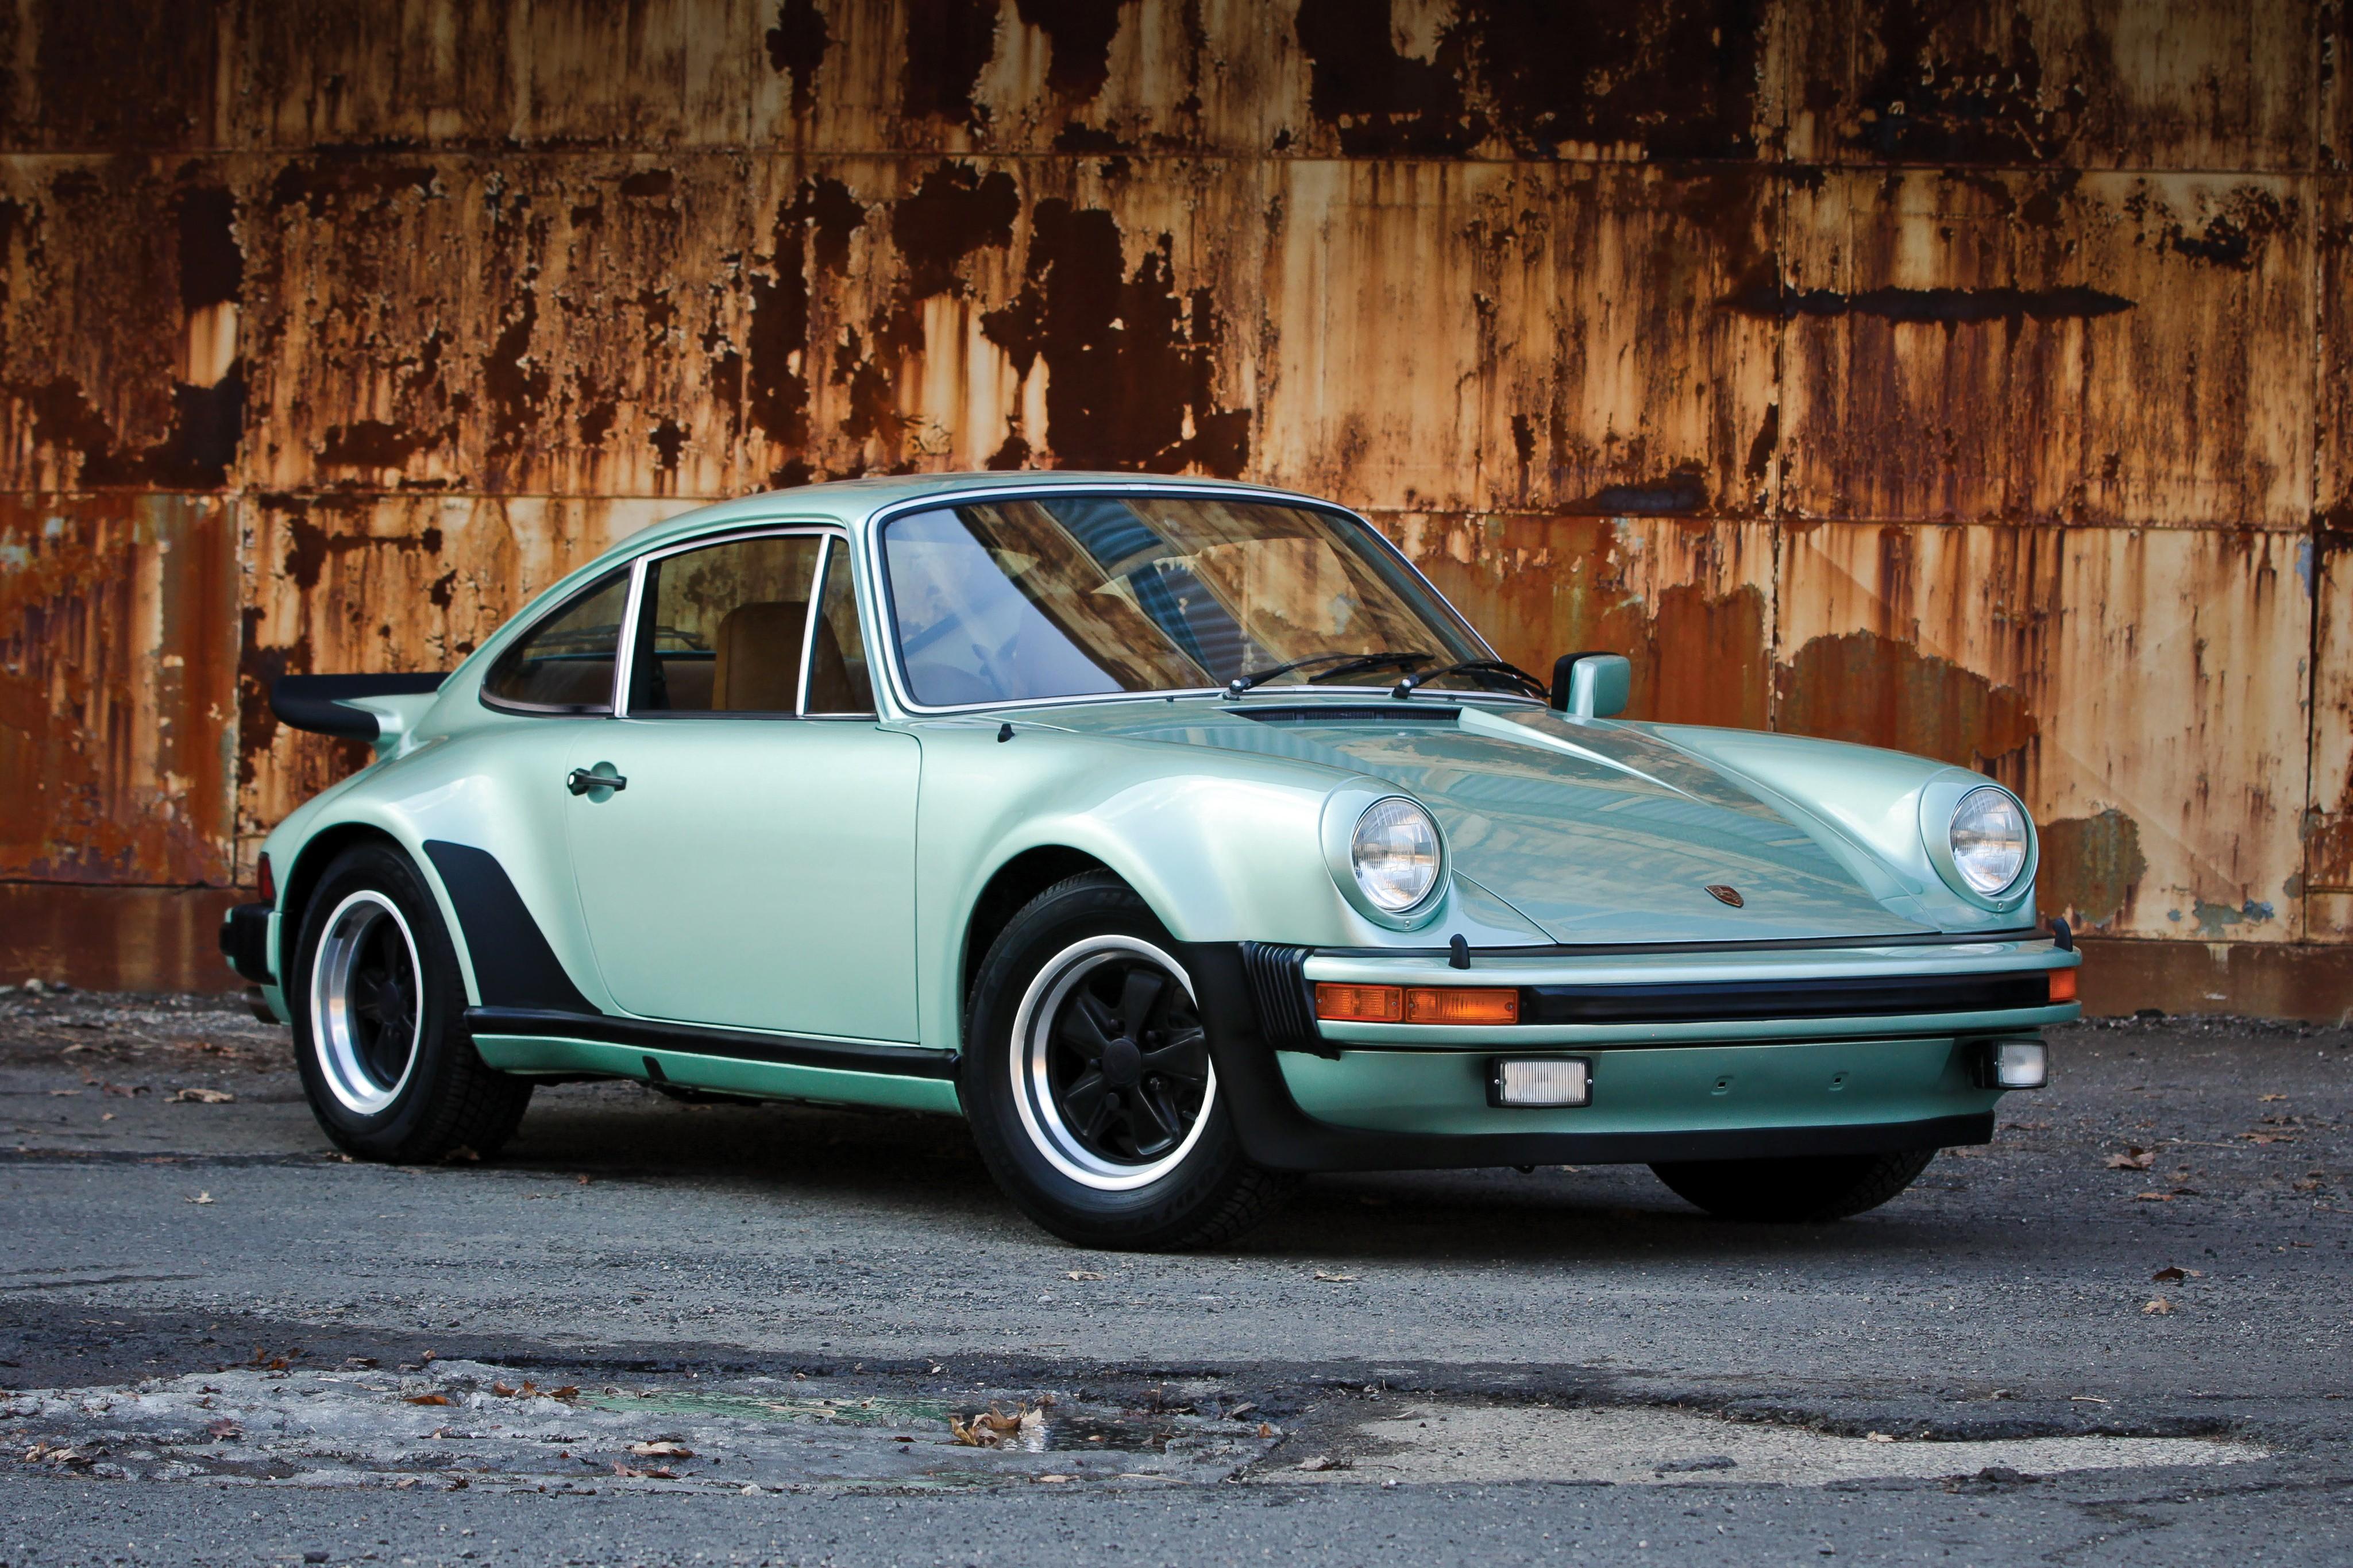 Porsche 911 Turbo 930 Specs 1974 1975 1976 1977